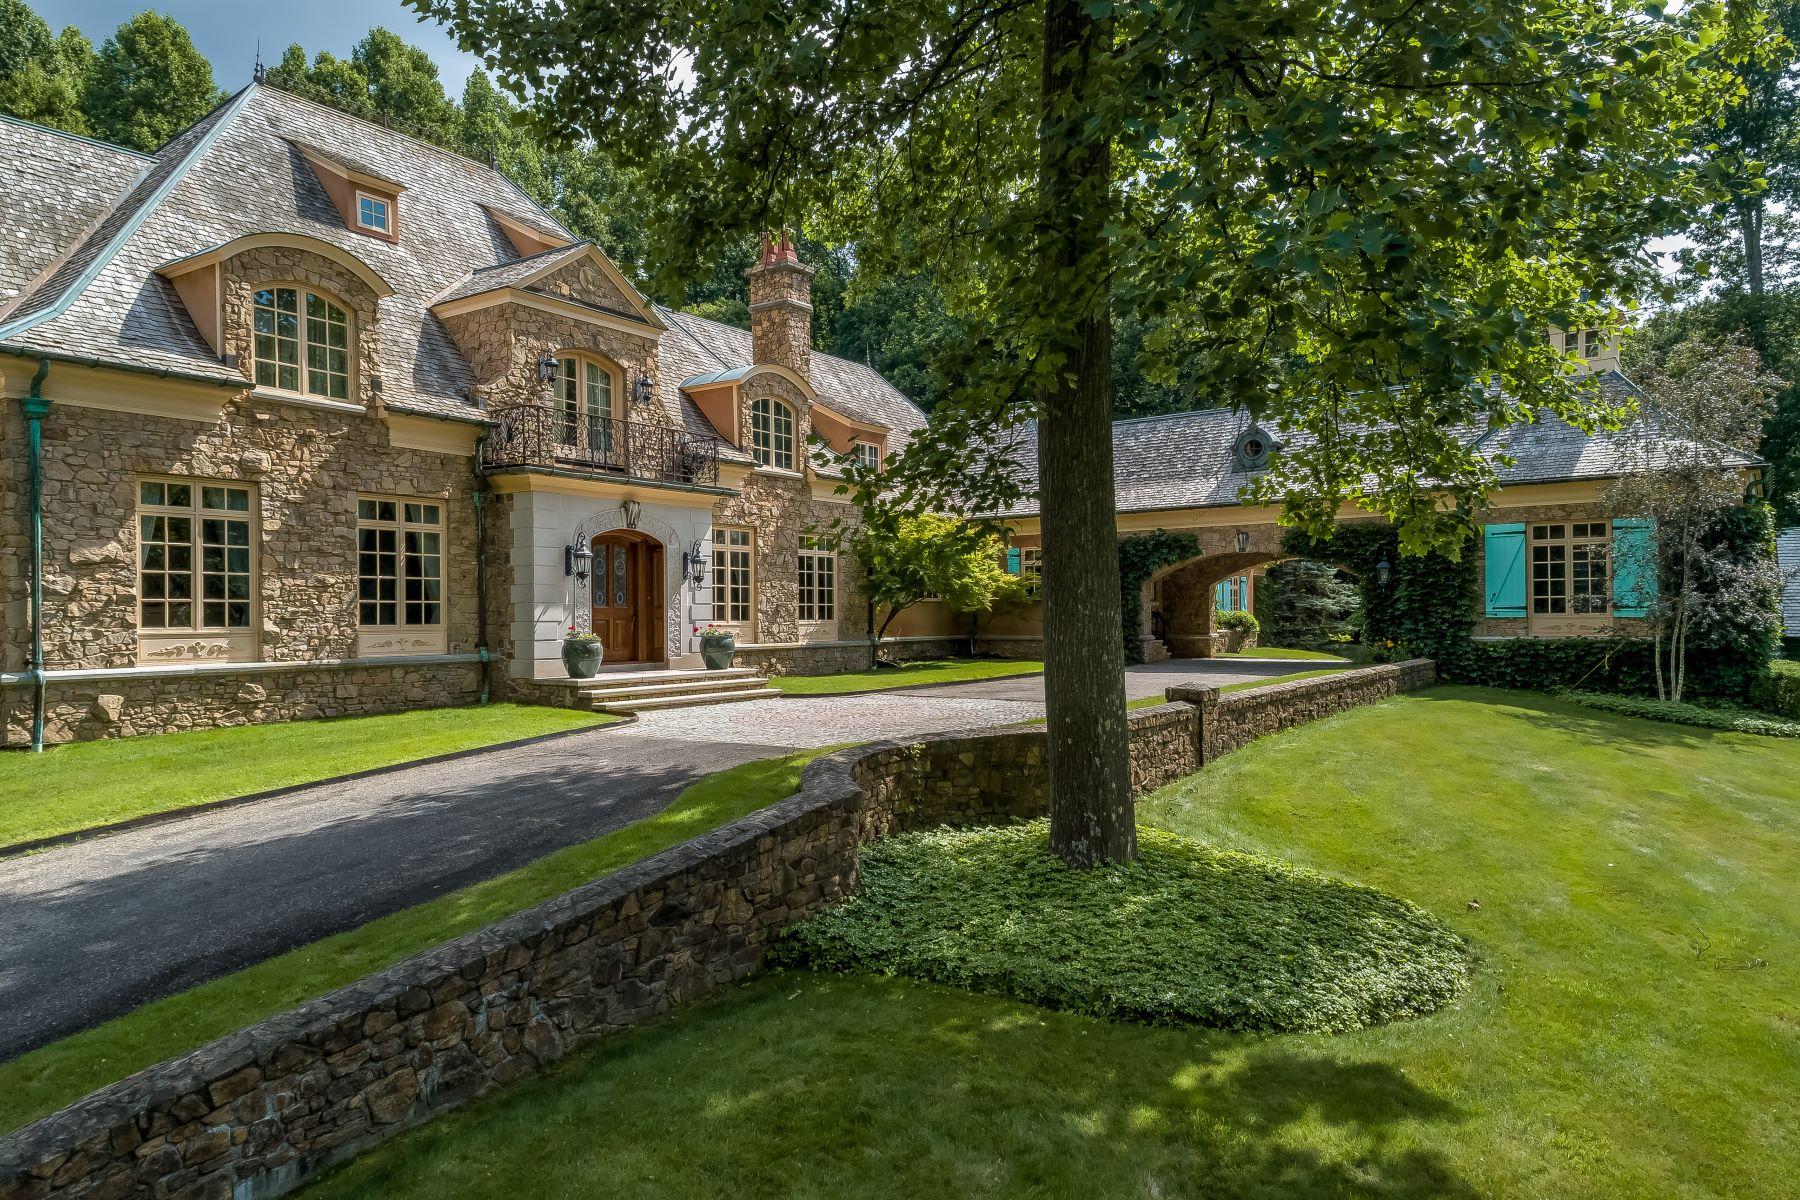 Частный односемейный дом для того Продажа на French Country Masterpiece 8 Chapel Lane, Mendham Borough, Нью-Джерси 07945 Соединенные Штаты